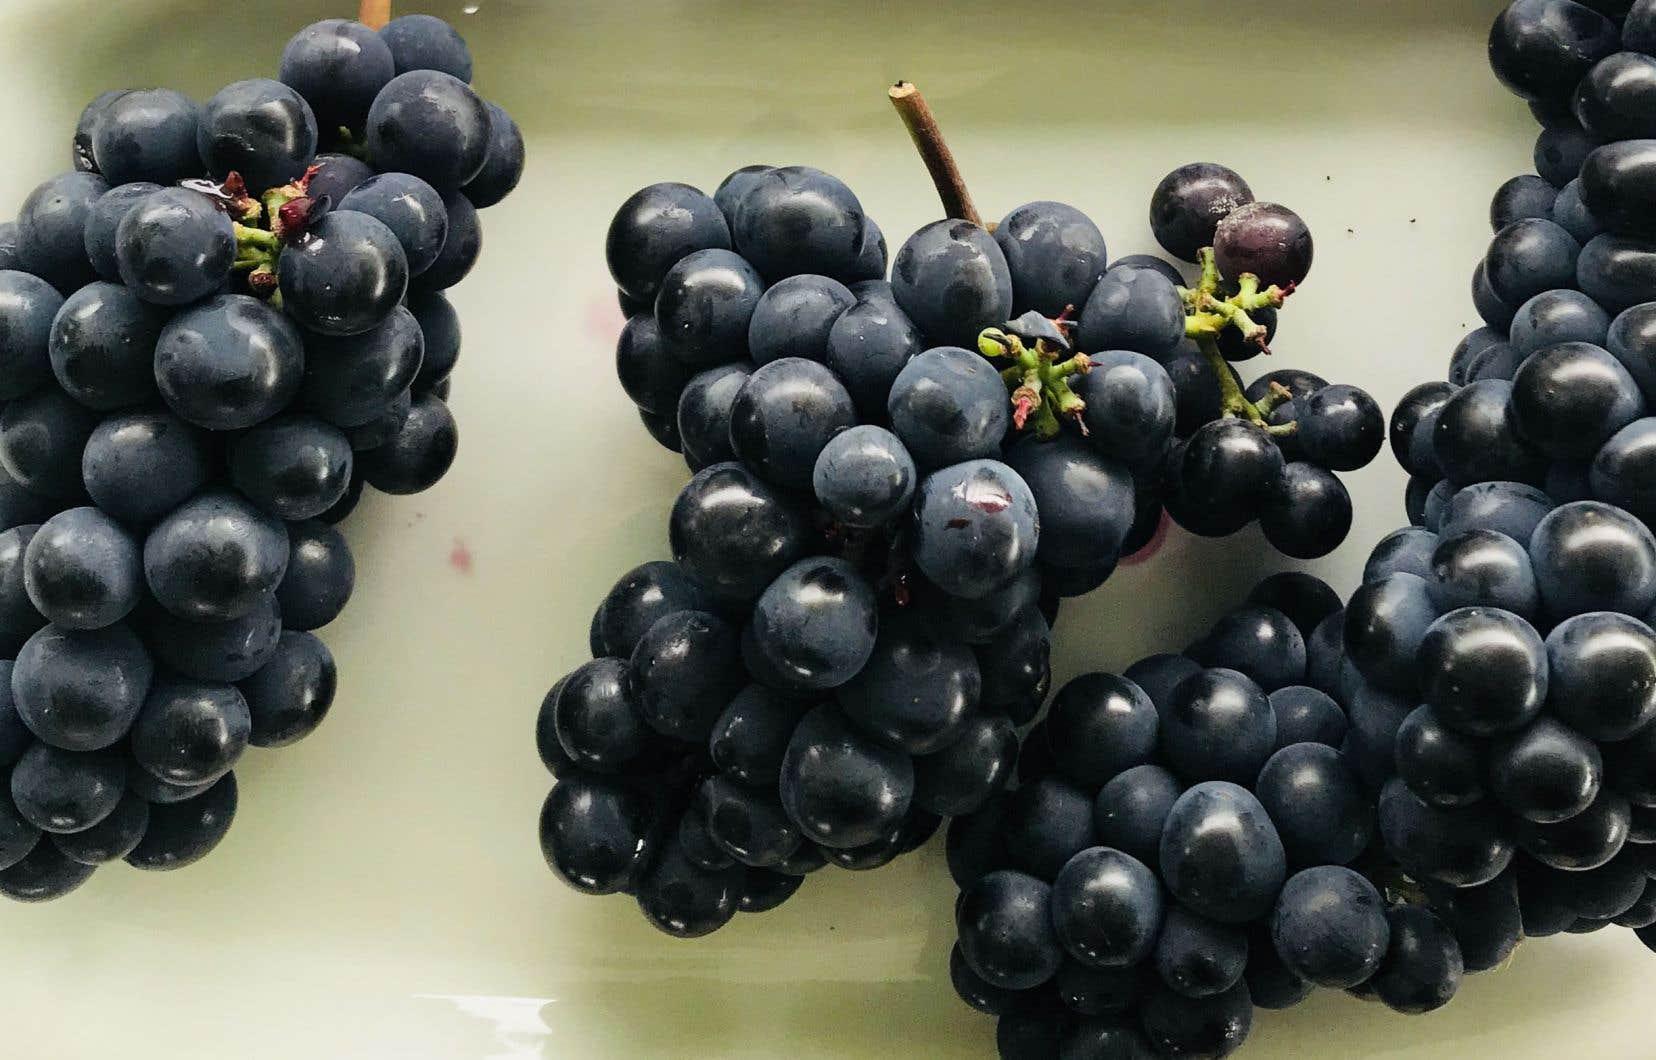 Les hybrides québécois: des cépages adaptés de mieux en mieux compris et transformés par les vignerons d'ici.